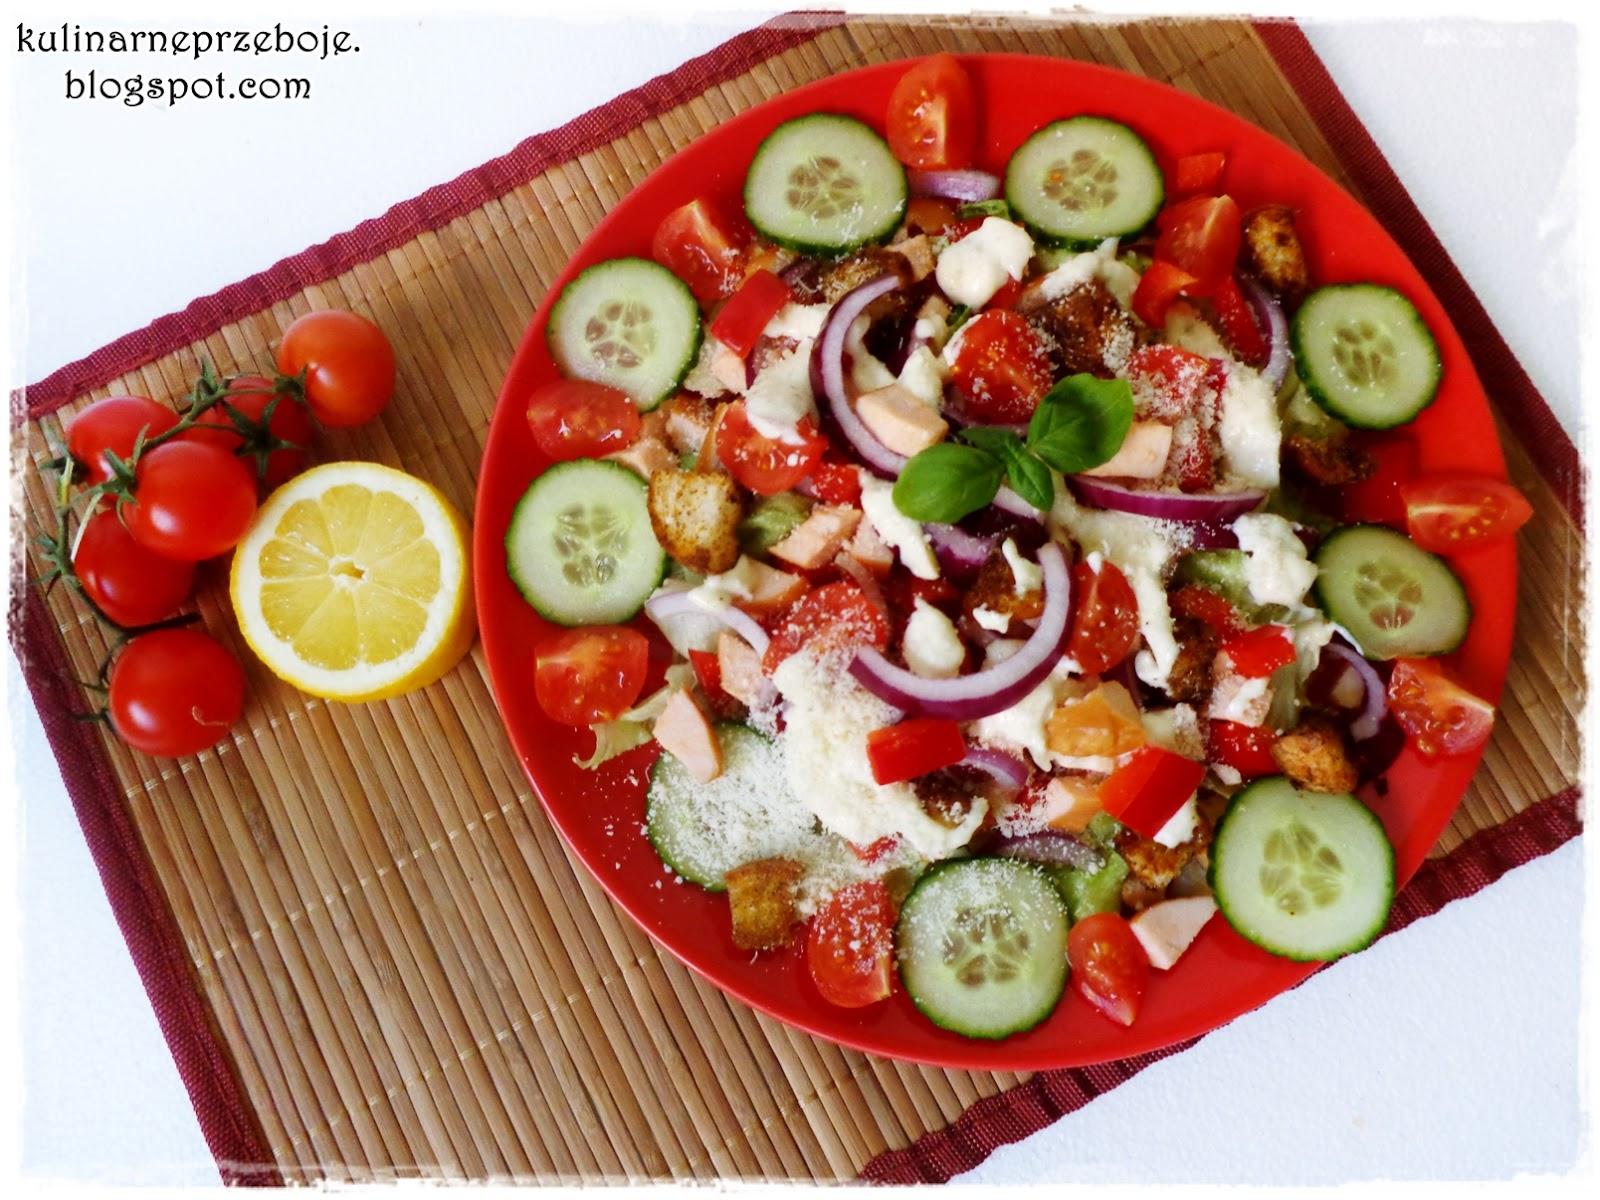 Sałatka z wędzonym kurczakiem, papryką, pomidorkami, ogórkiem i grzankami